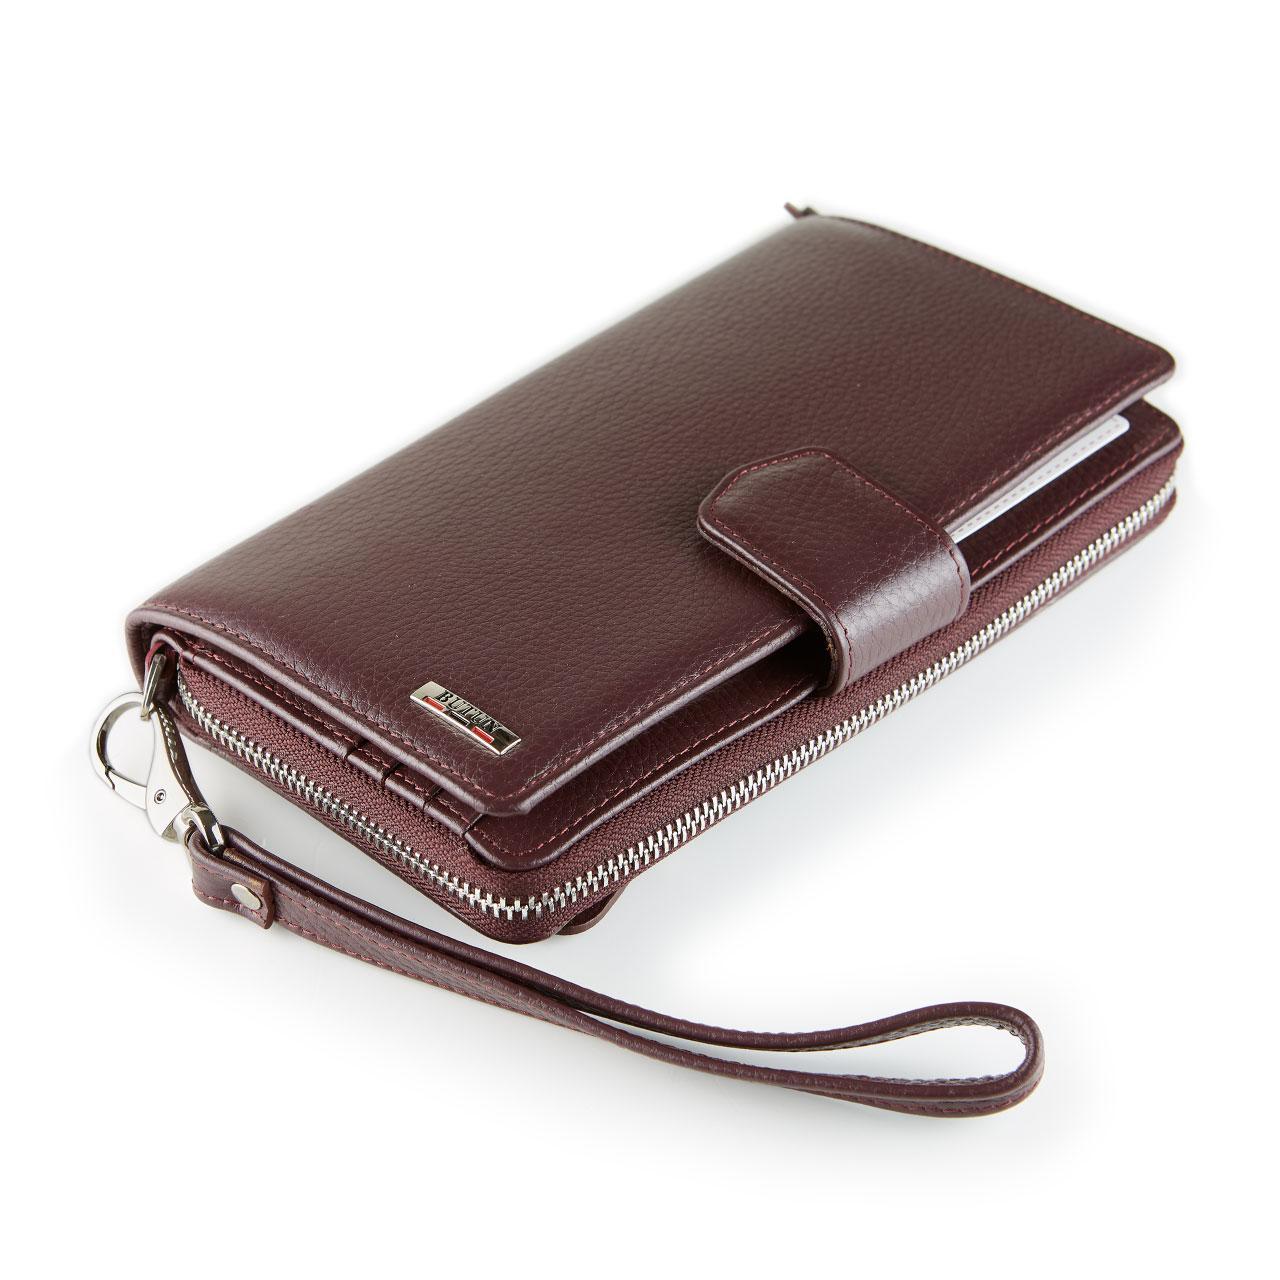 Женский кошелек клатч кожаный бордовый BUTUN 594-004-002